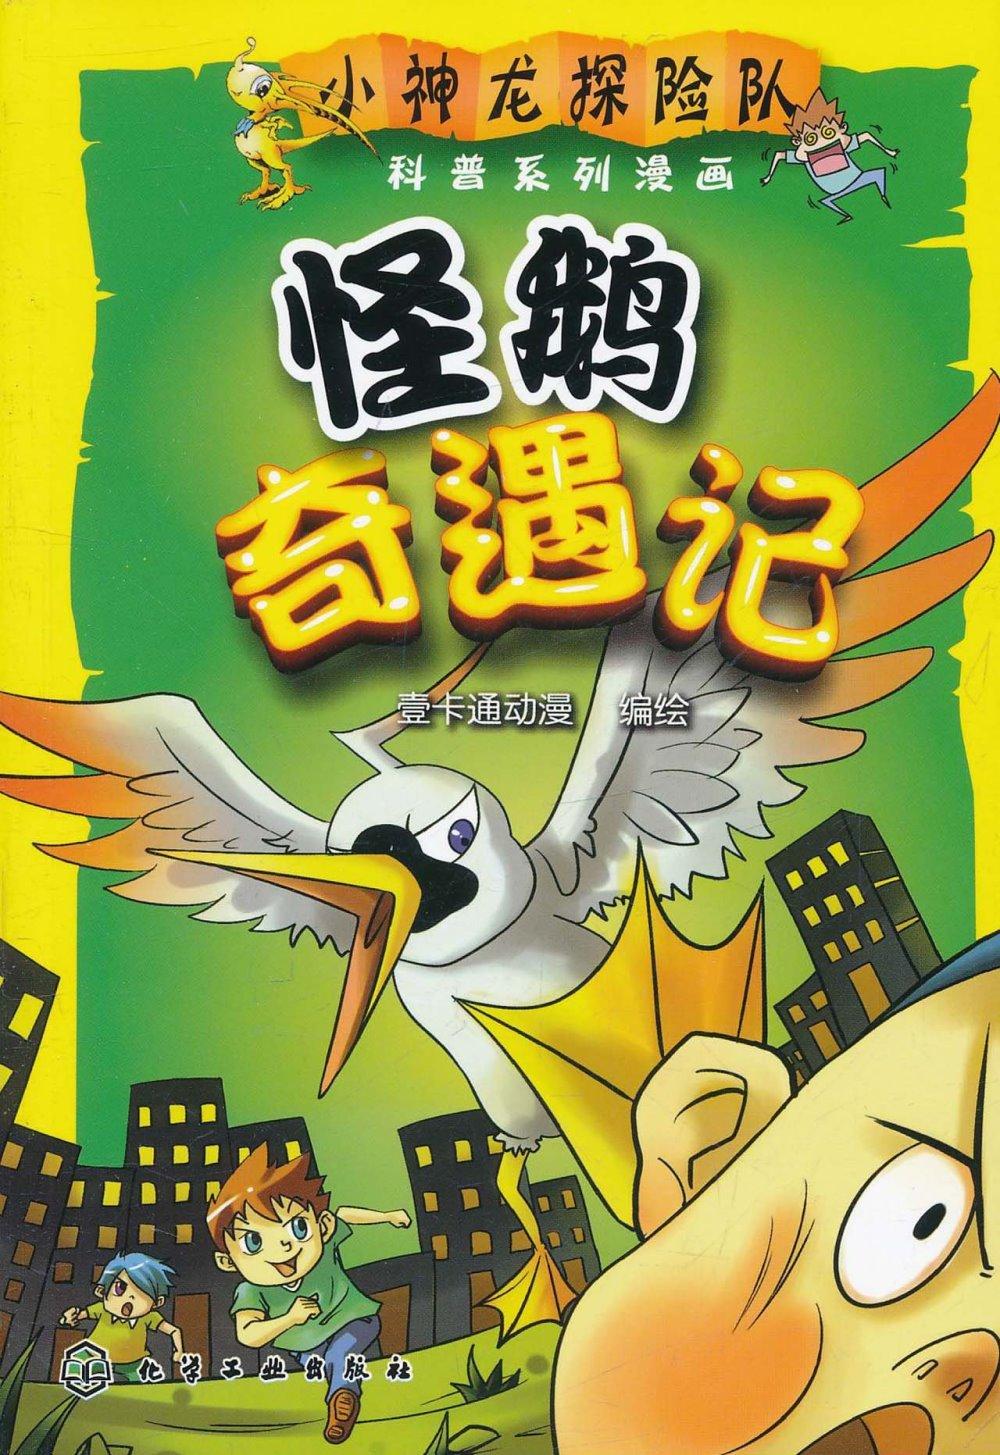 小神龍探險隊科普系列漫畫:怪鵝奇遇記